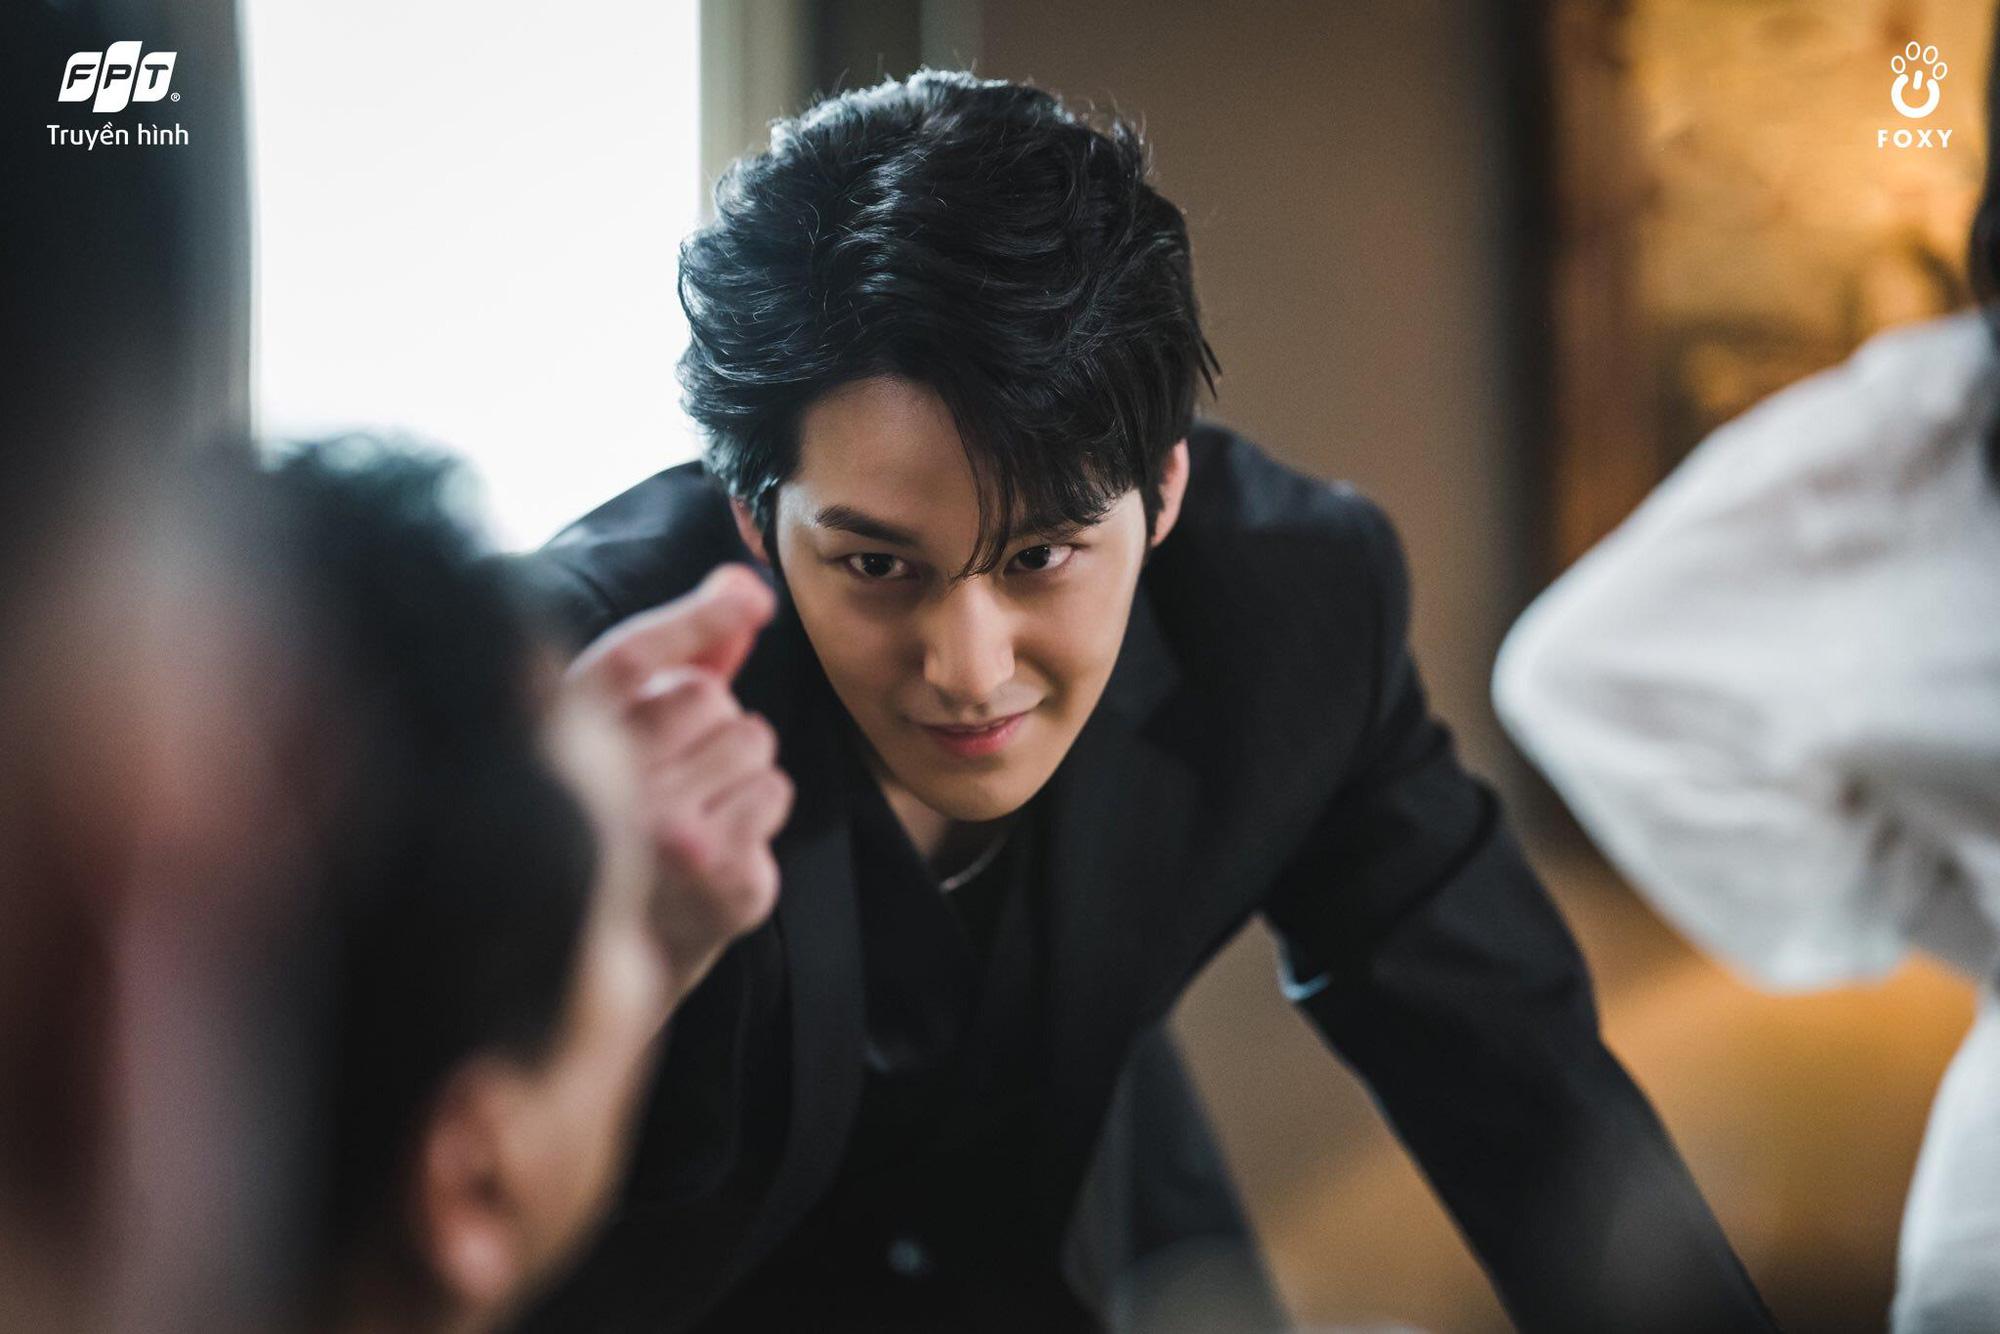 Được nhận định là bộ phim Hàn Quốc đáng xem dịp cuối năm 2020, Bạn Trai Tôi Là Hồ Ly có gì hấp dẫn? - Ảnh 4.